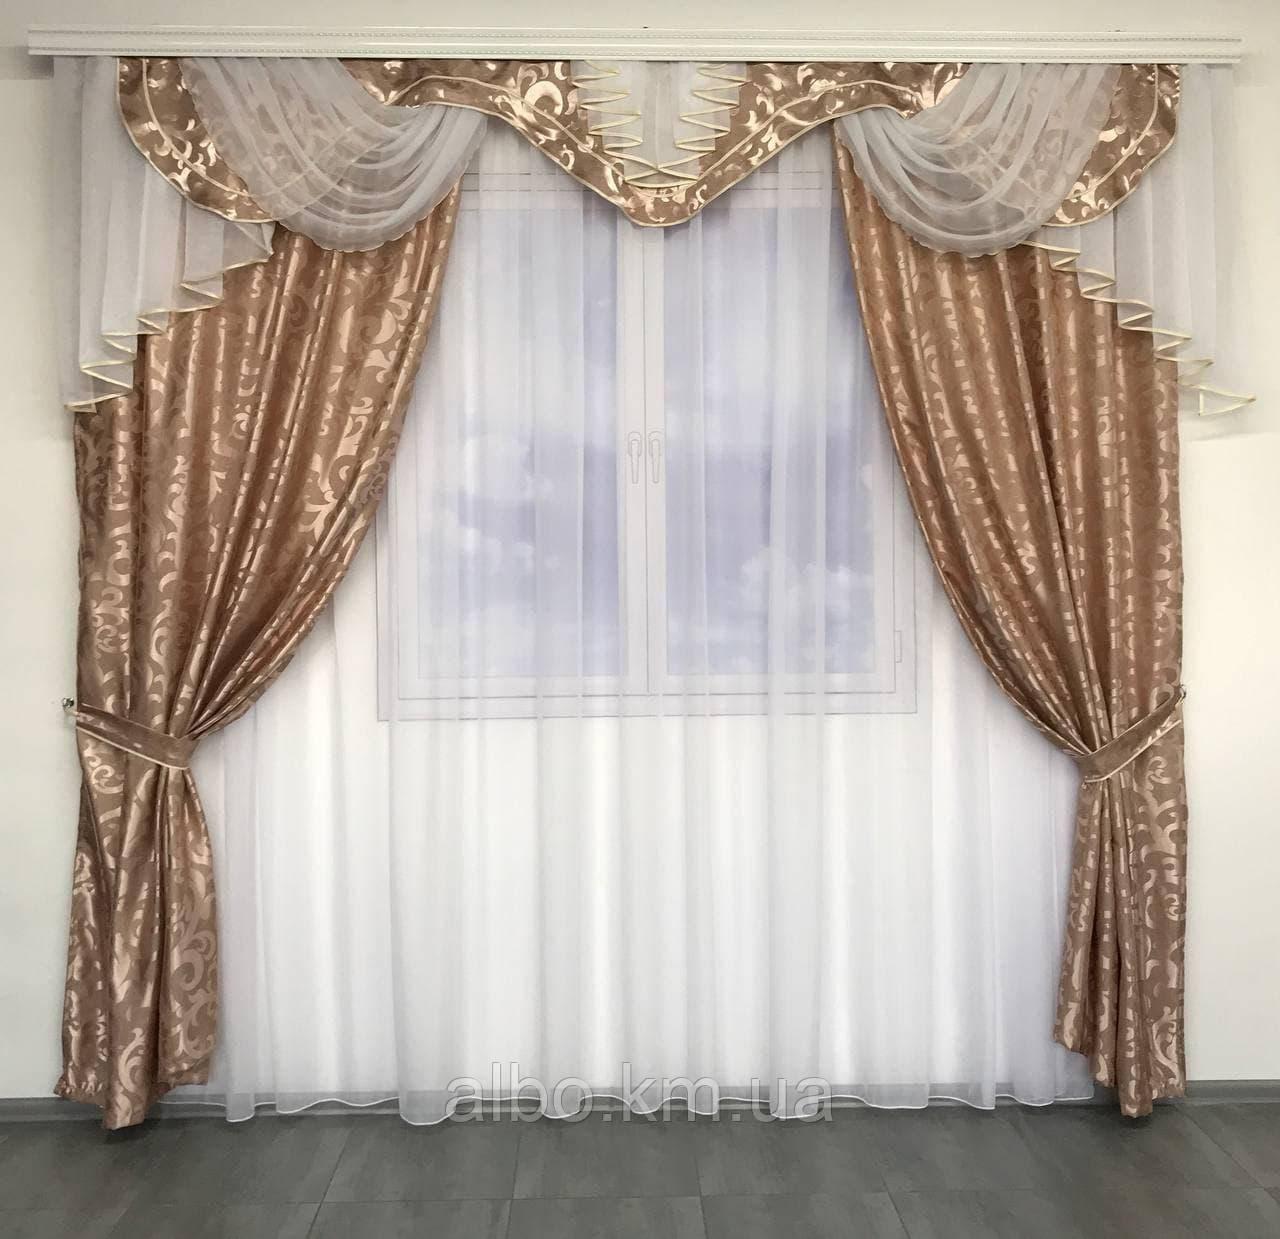 Набор шторы и ламбрекен для зала кухни хола, шторы в зал спальню гостинную жаккардовые, шторы с ламбрекеном